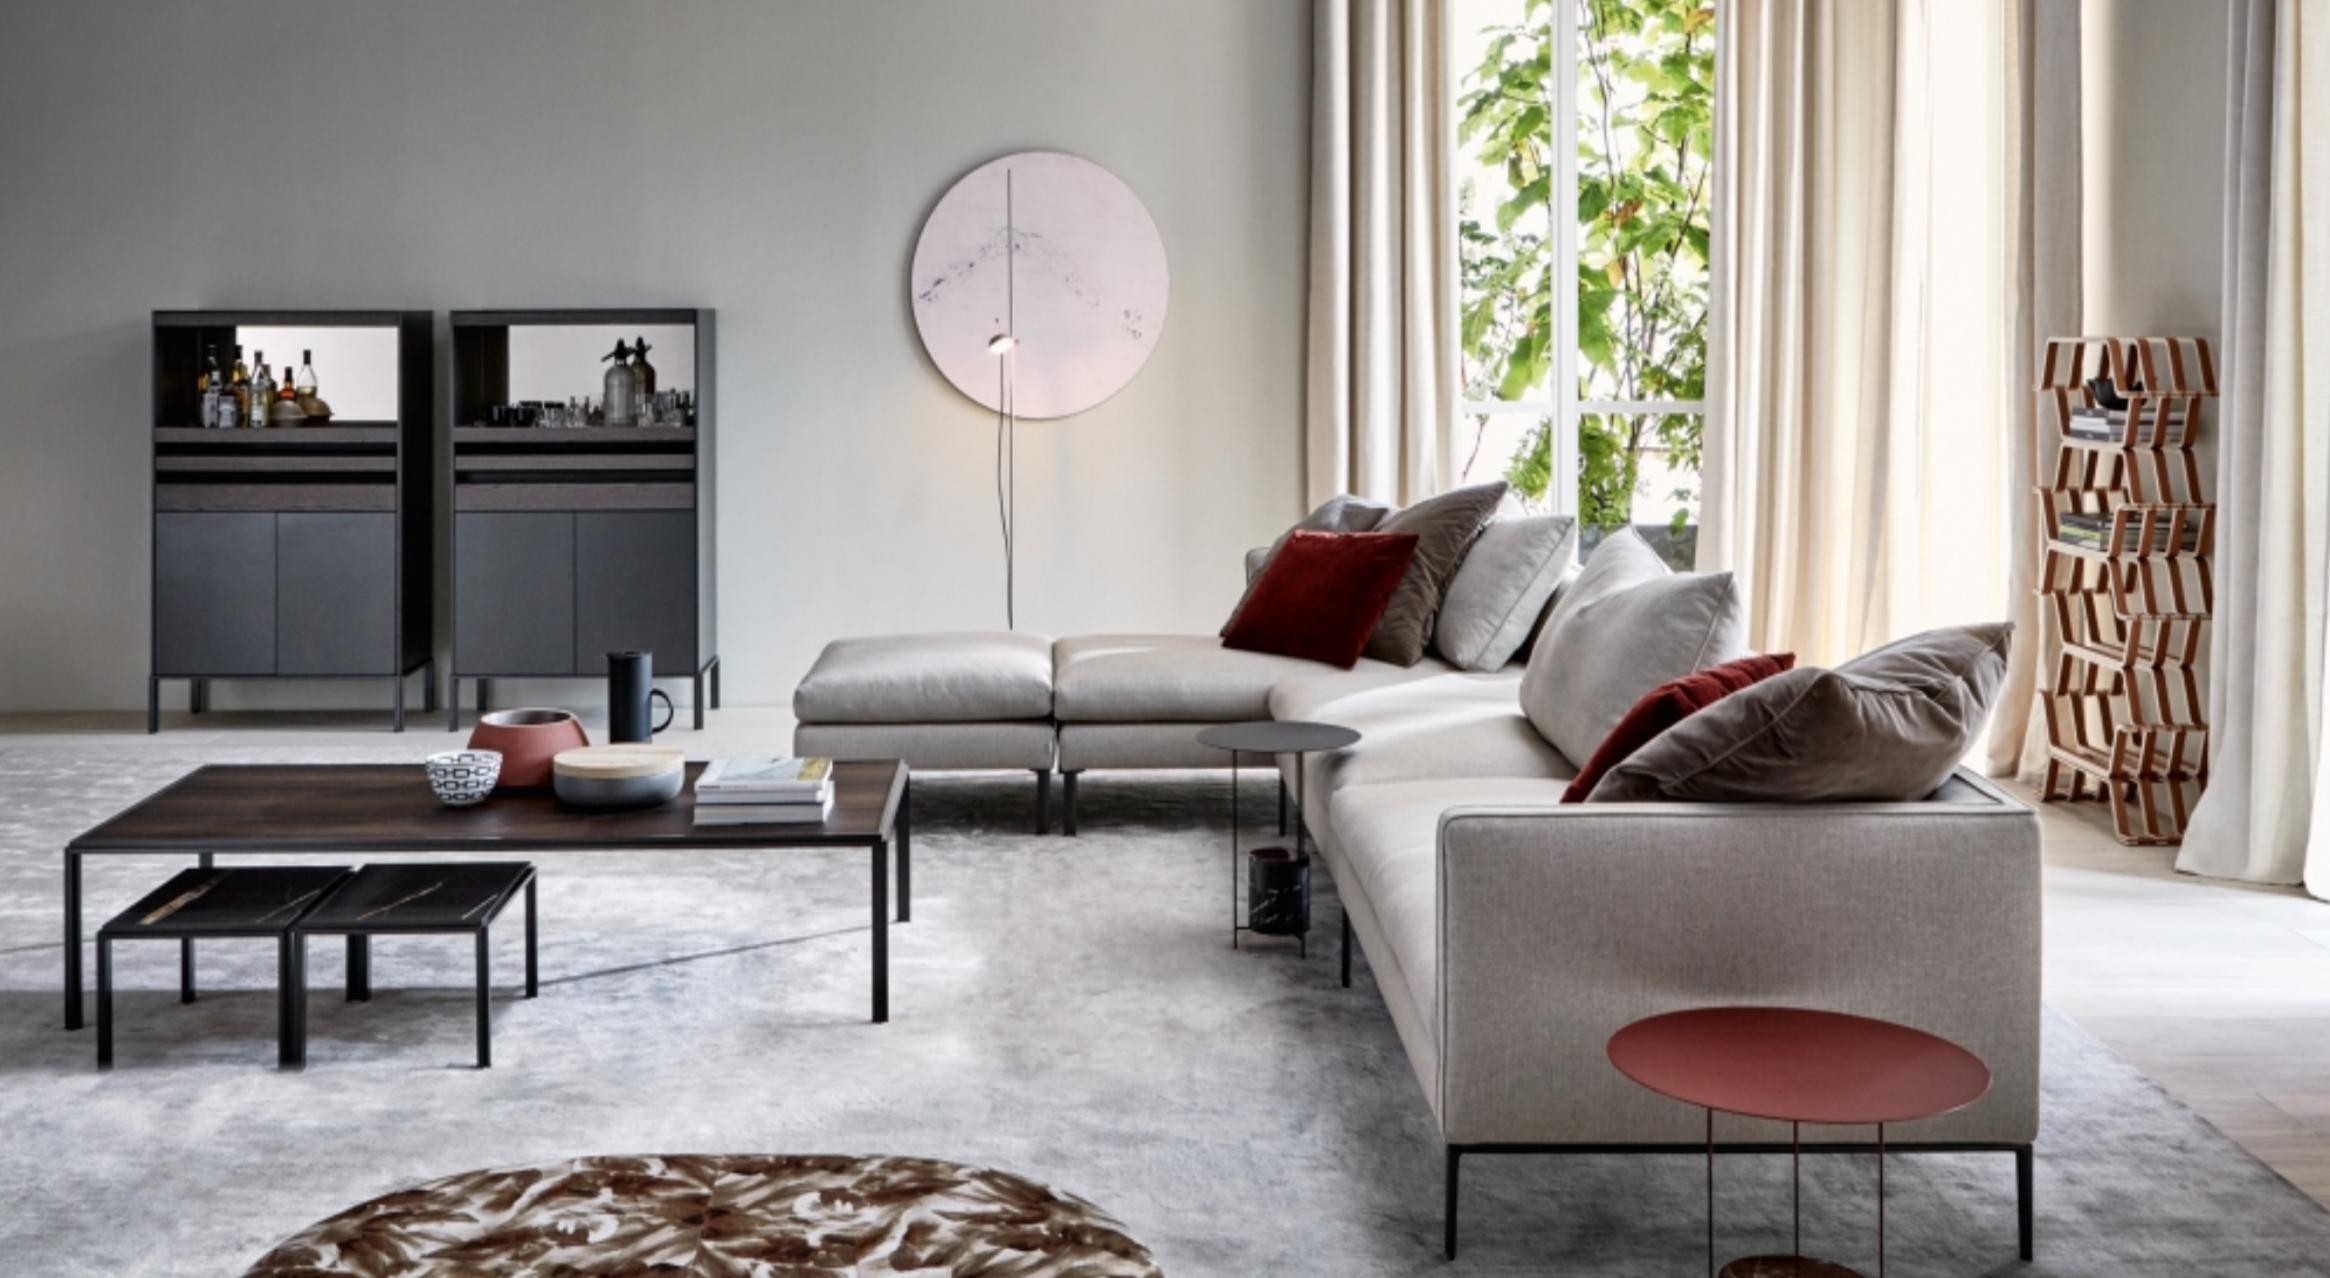 Molteni Paul sofa zetel Vincent Van Duysen in design meubelwinkel Loncin in Hasselt Leuven Sint-truiden Antwerpen Mechelen Brussels Bruxelles interieurwinkel inteieurarchtect 2.png